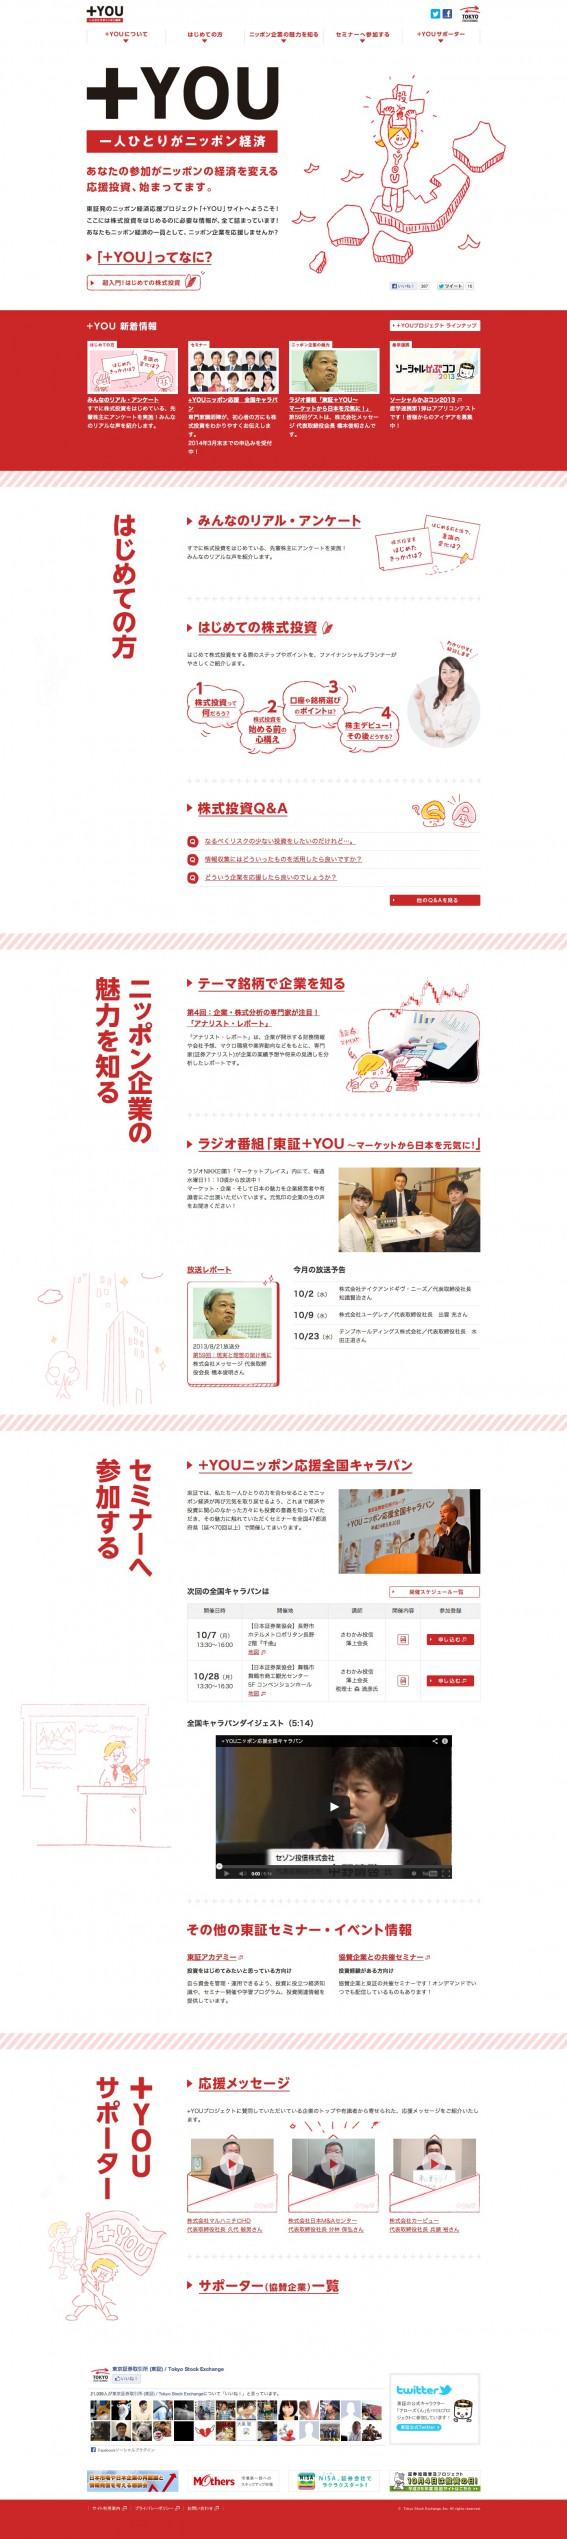 +YOU|東京証券取引所